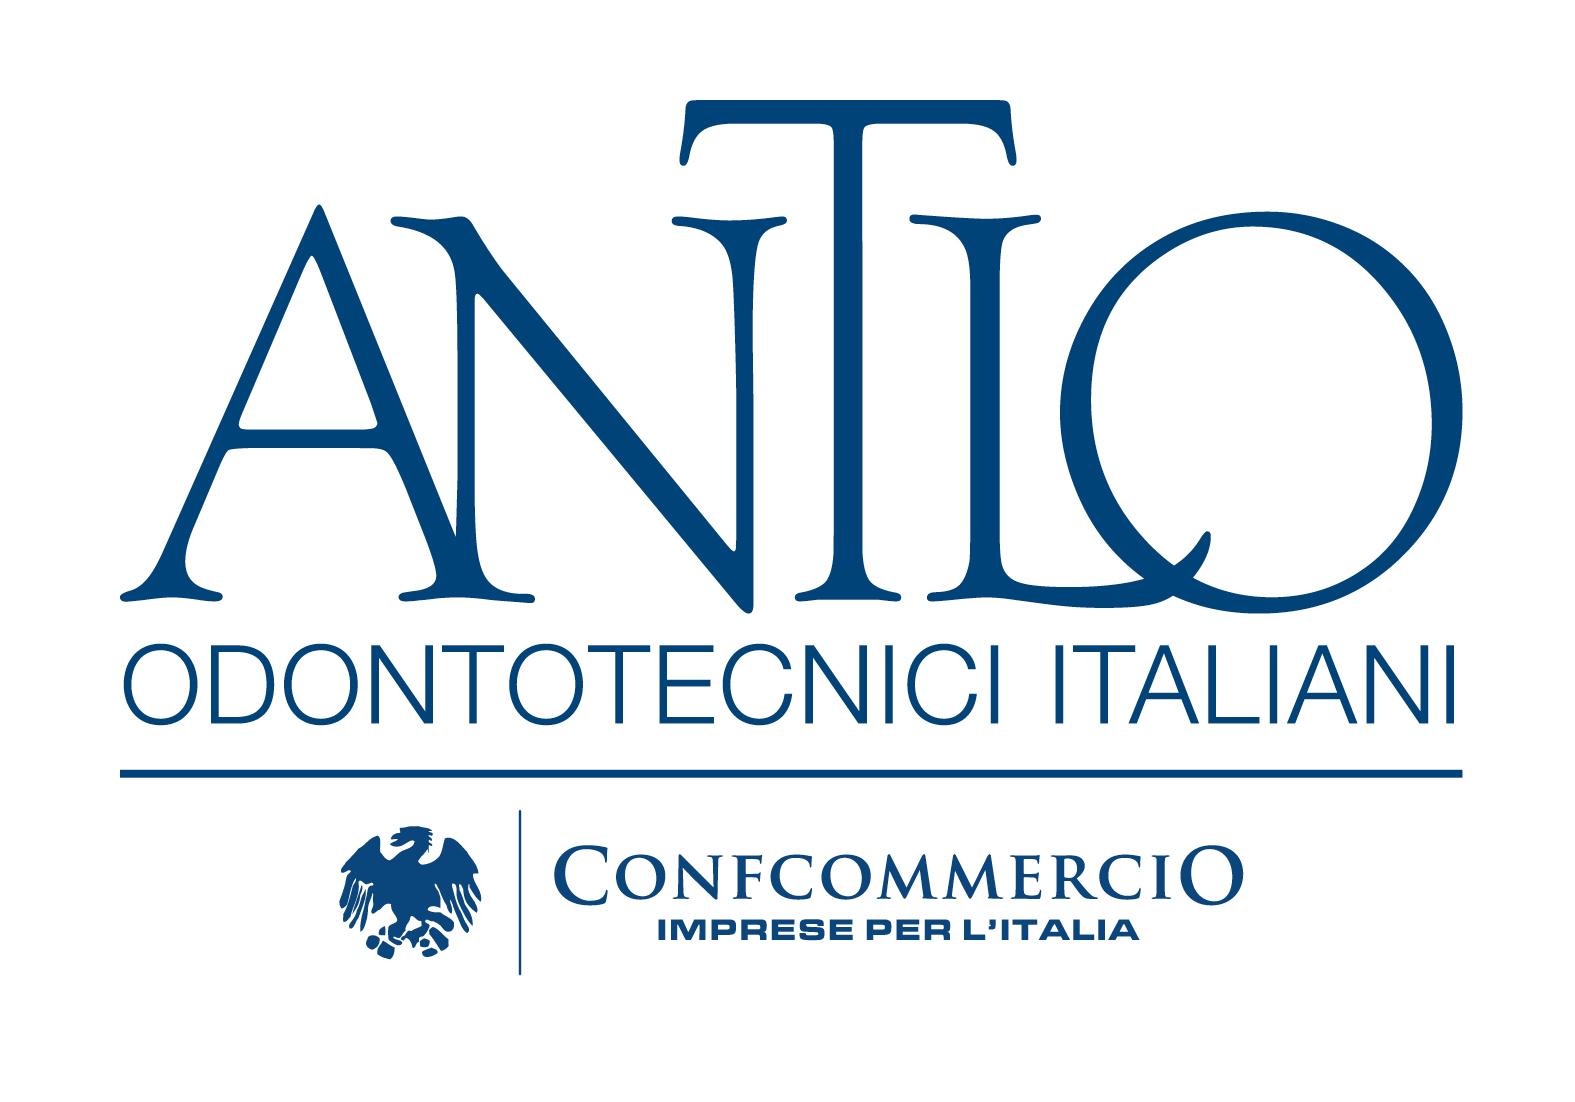 ANTLO – Associazione Nazionale Titolari di Laboratorio Odontotecnico